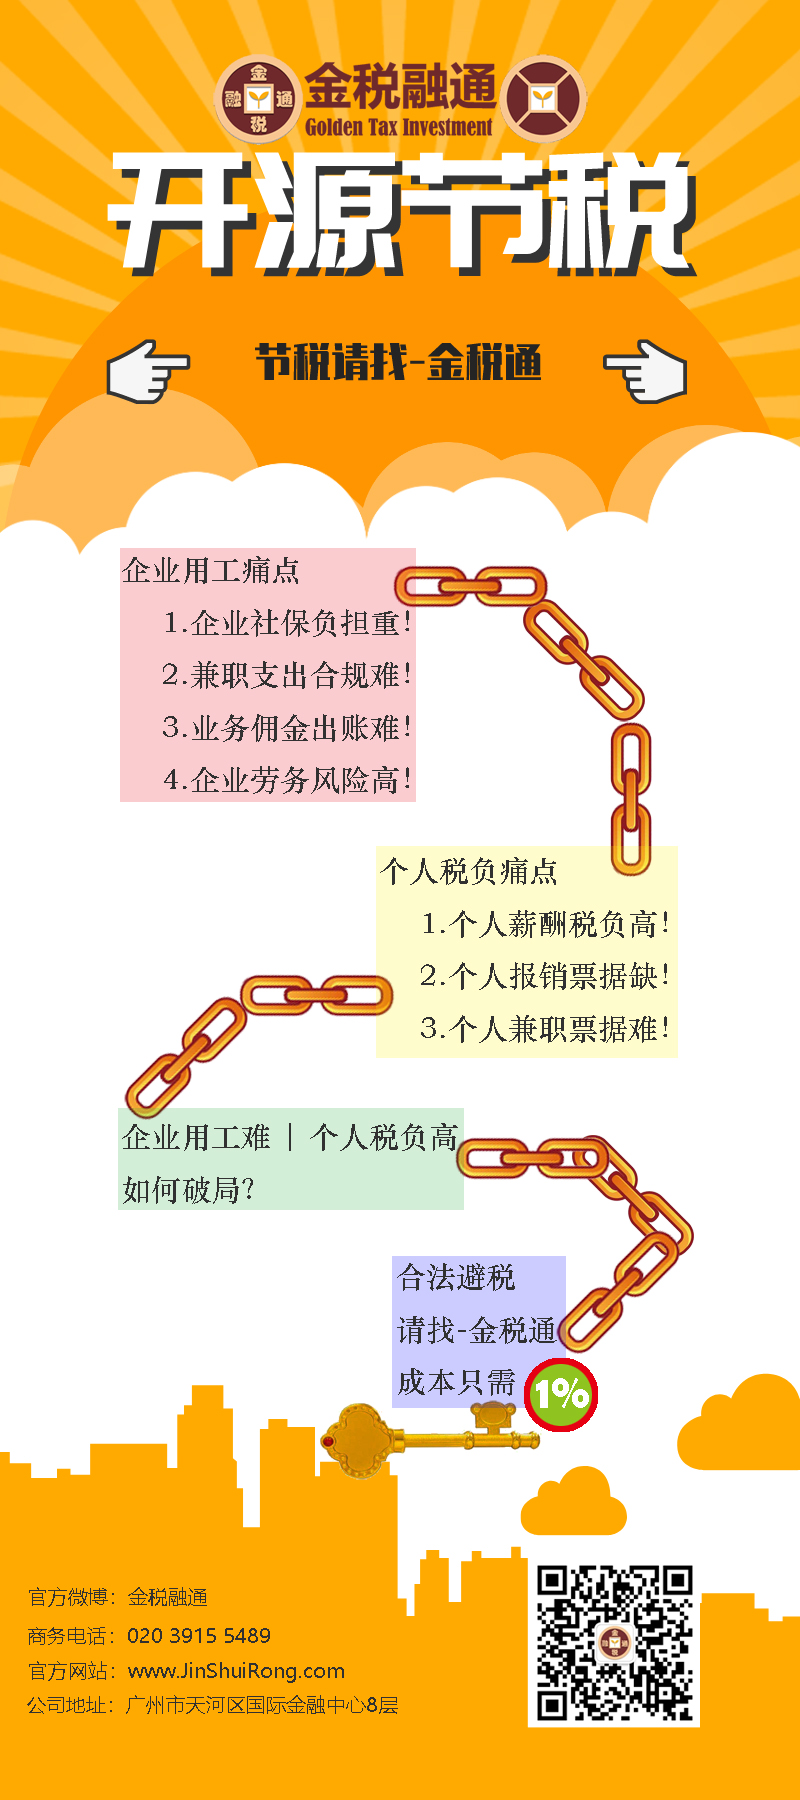 金税融产品-金税通